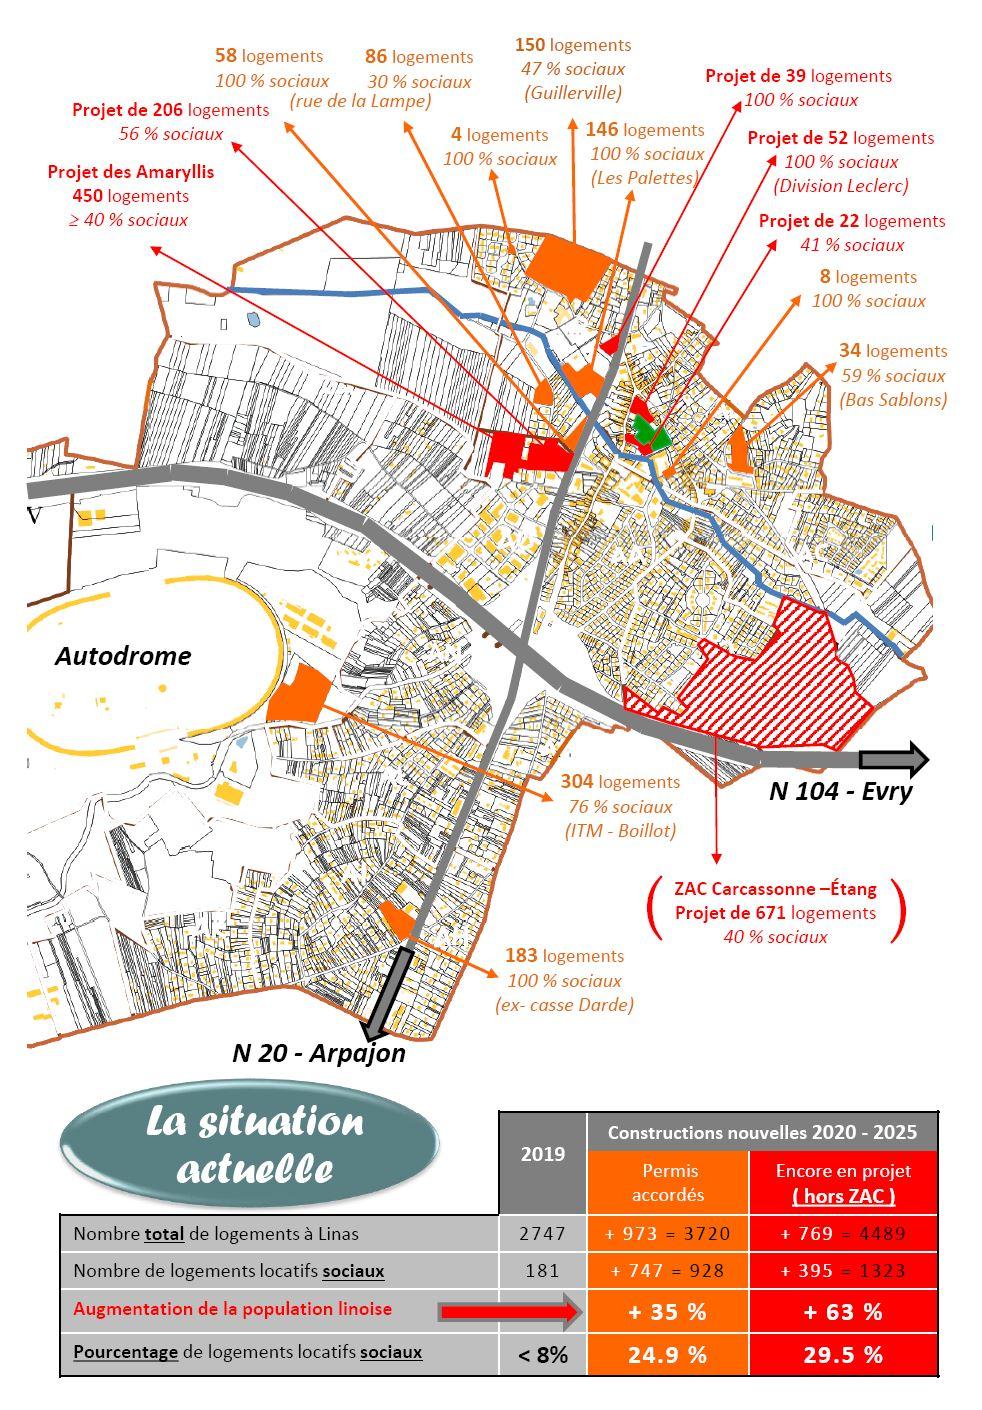 Urbanisme - carte Linas